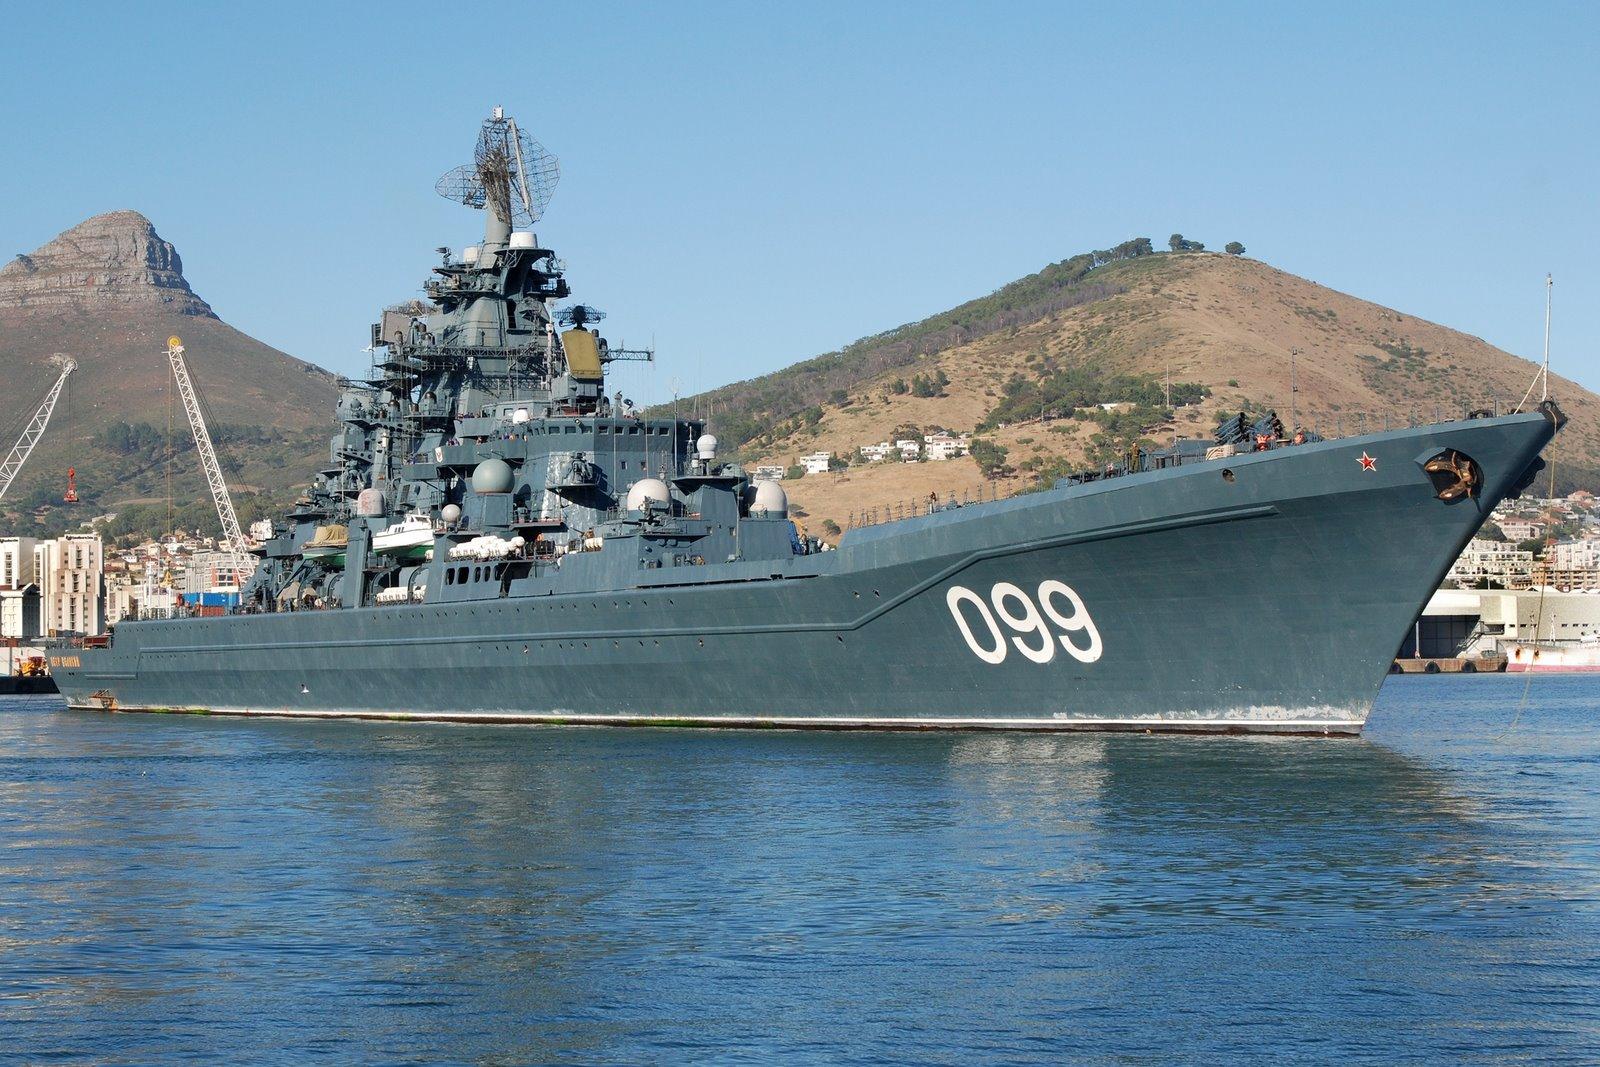 ロシア海軍の重原子力ロケット巡洋艦ピョートル・ヴェリキーは浮き ...